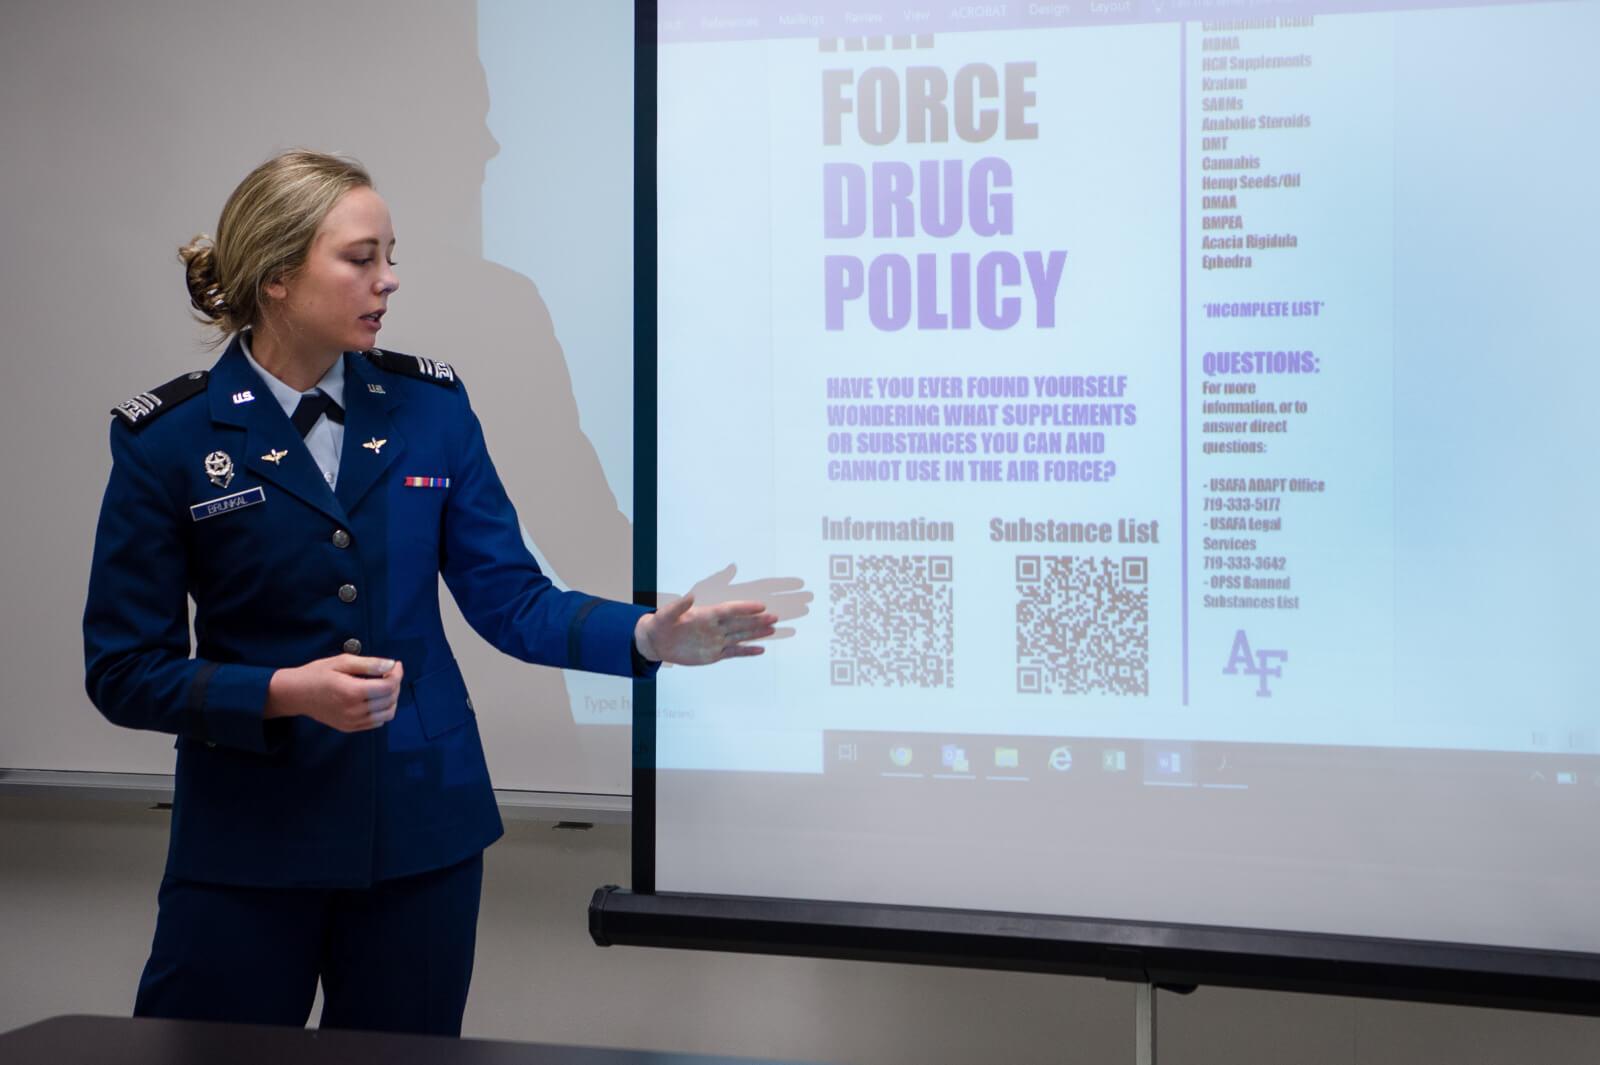 U.S. Air Force Academy Drug Policy presentation